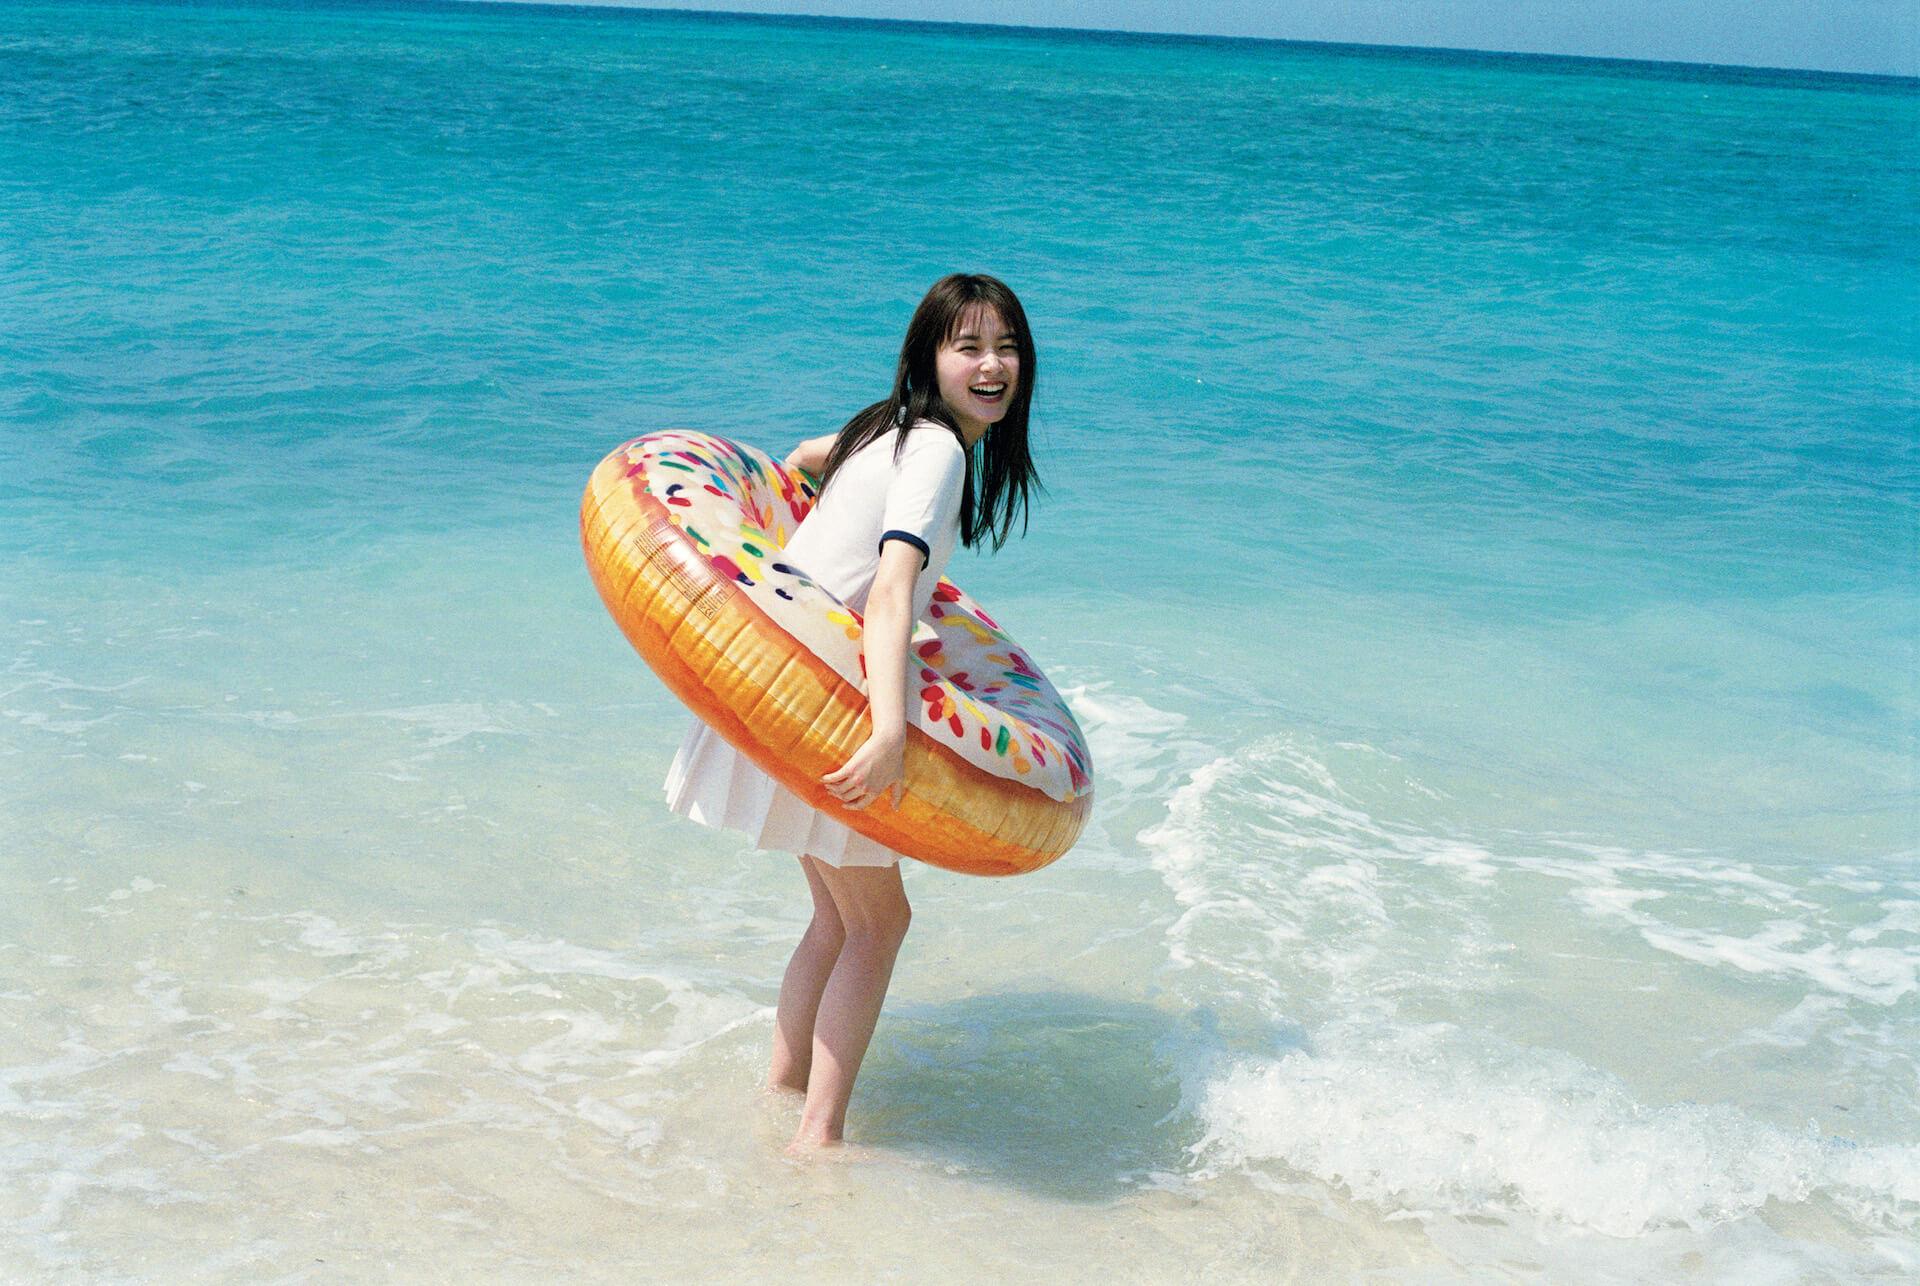 水着姿の久間田琳加があどけない笑顔で魅せる!『週刊プレイボーイ』で16ページ大特集&DVDも付属 art200603_kumadarinka_3